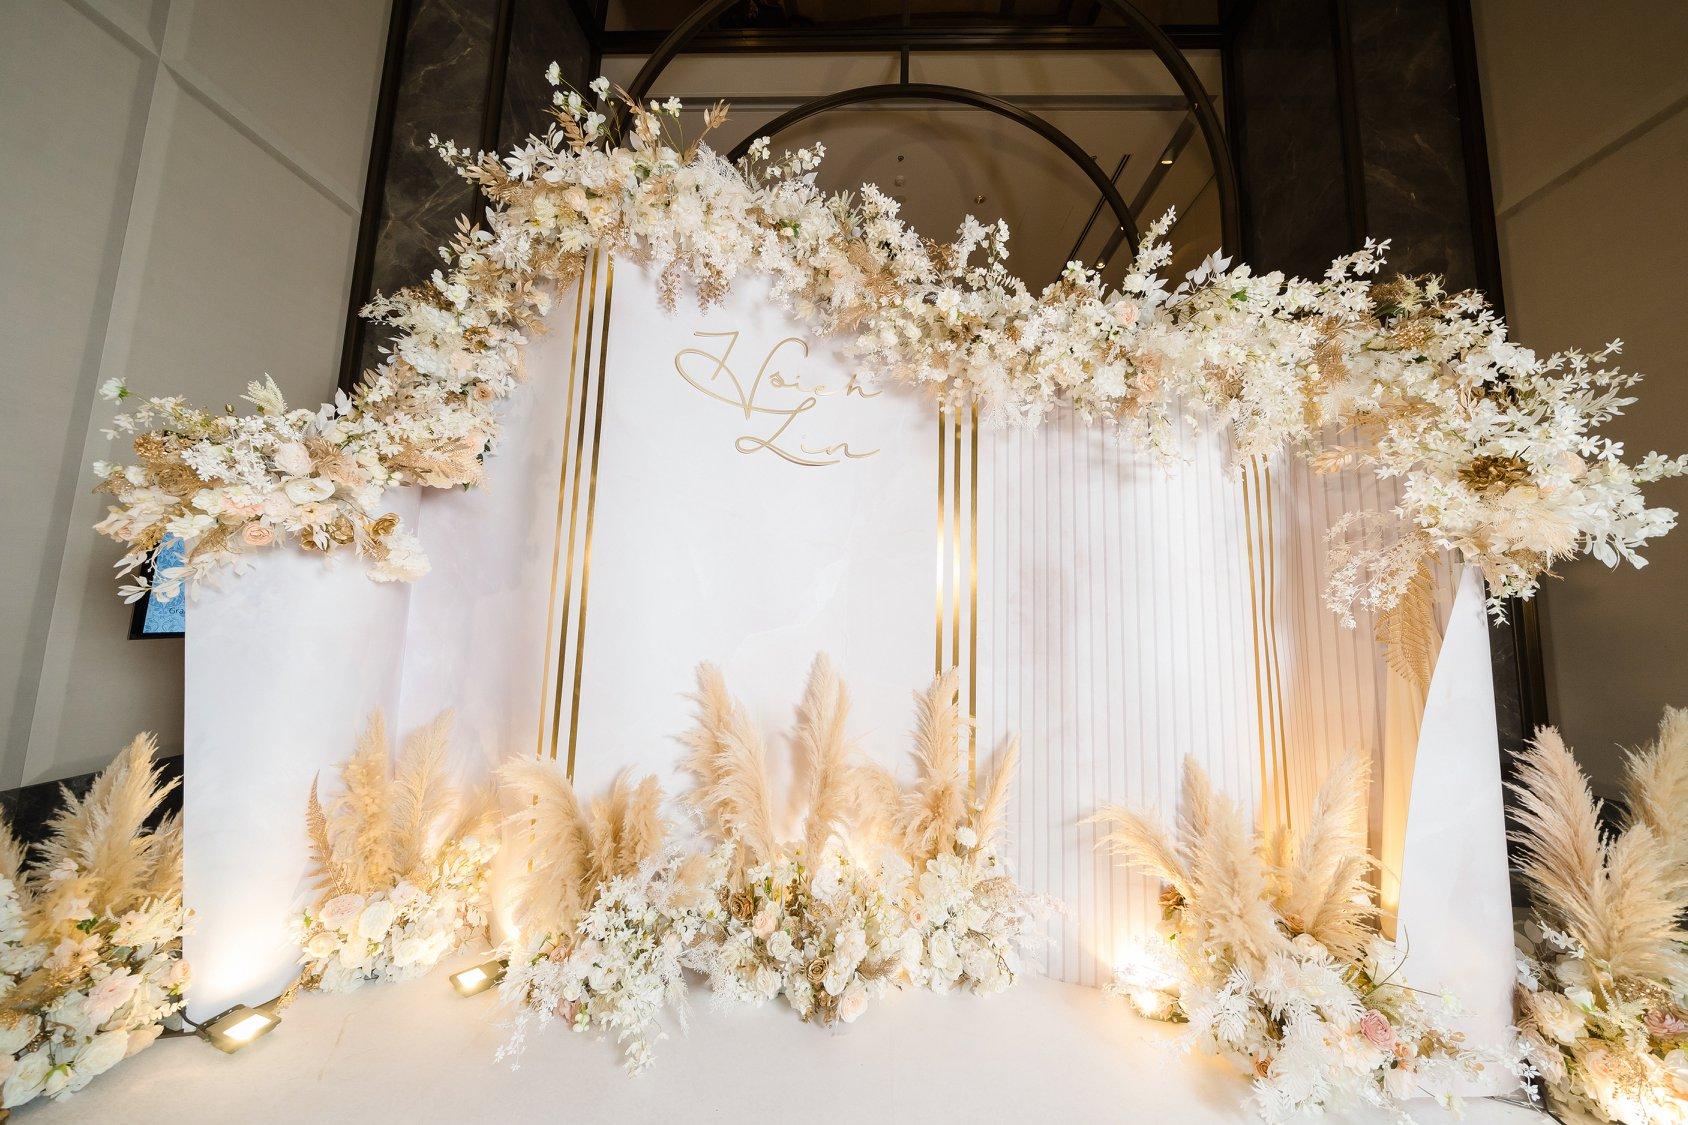 Urro&Victoria|瑪莎計畫婚禮主持人|婚禮顧問|婚禮企劃|婚禮服務